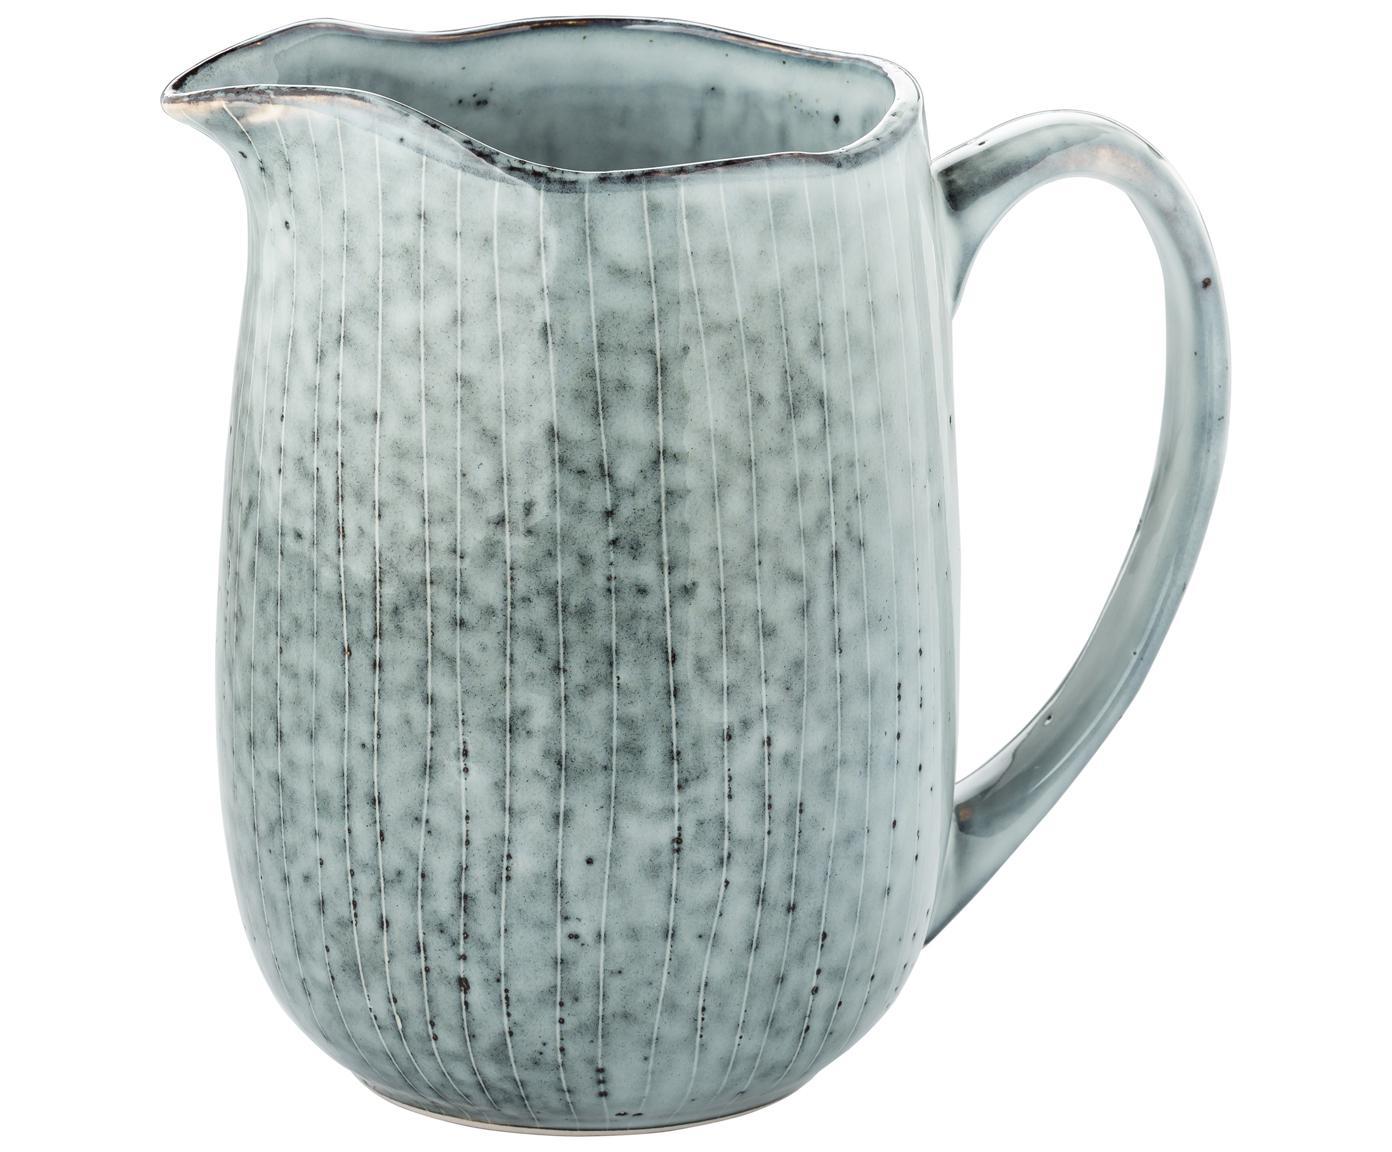 Handgemachter Milchkrug Nordic Sea, Steingut, Grau- und Blautöne, 17 x 16 cm